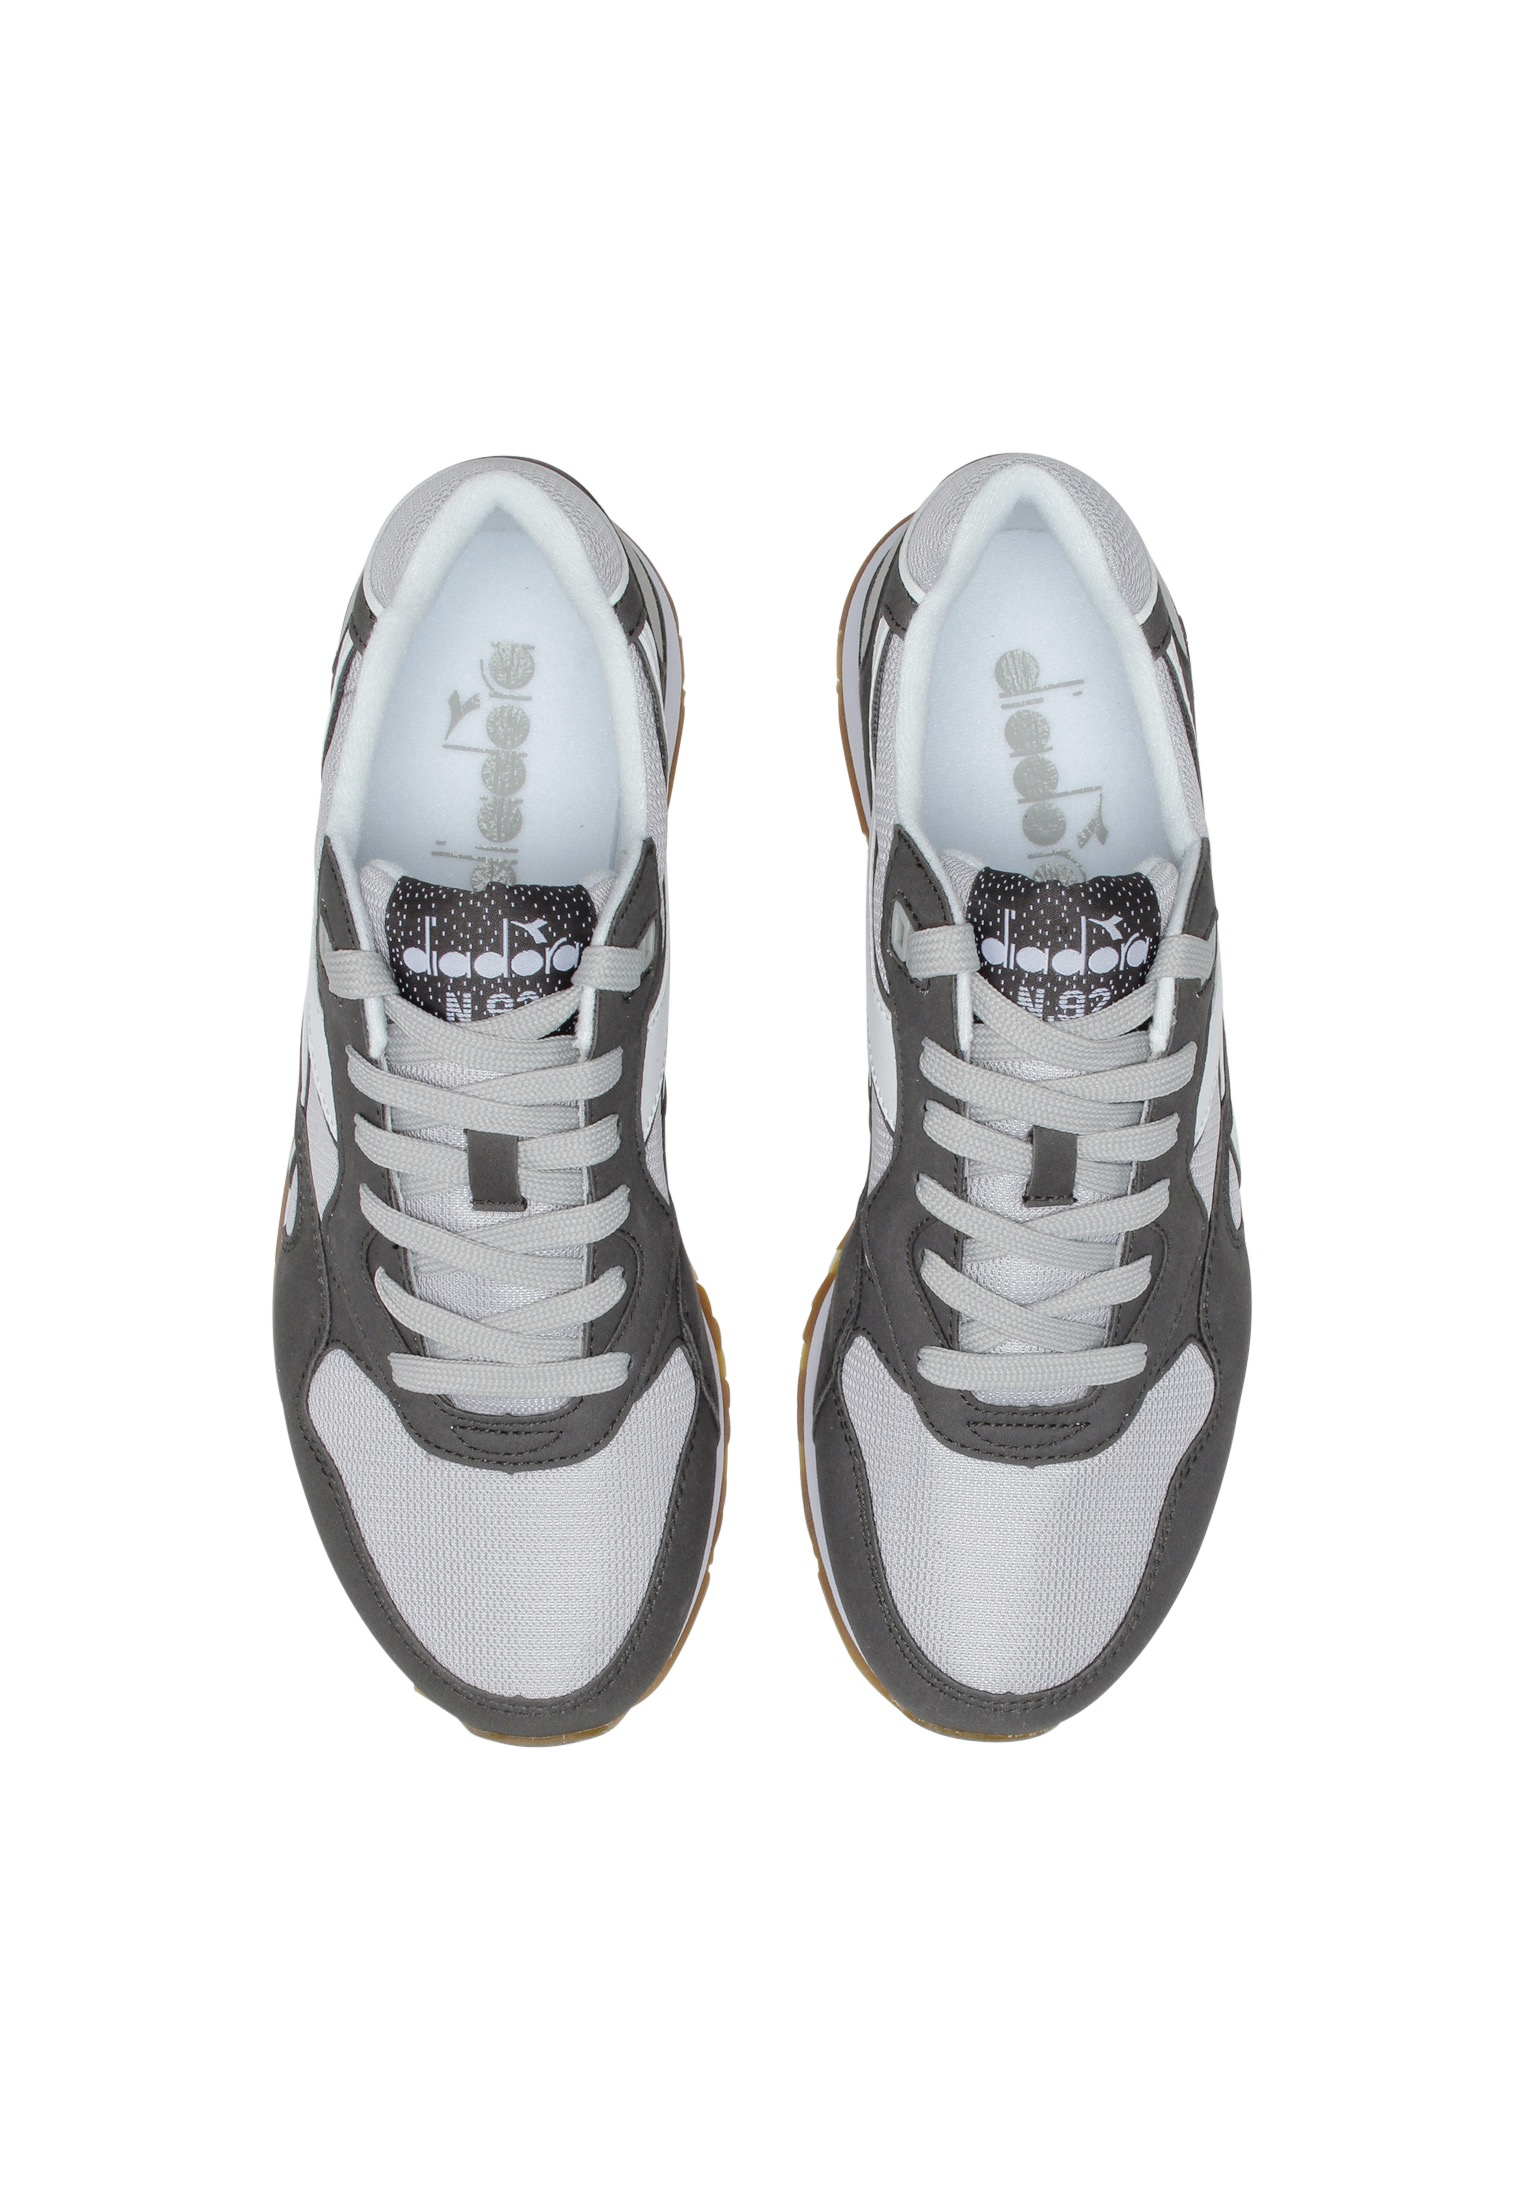 miniatura 48 - Diadora - Sneakers N.92 per uomo e donna